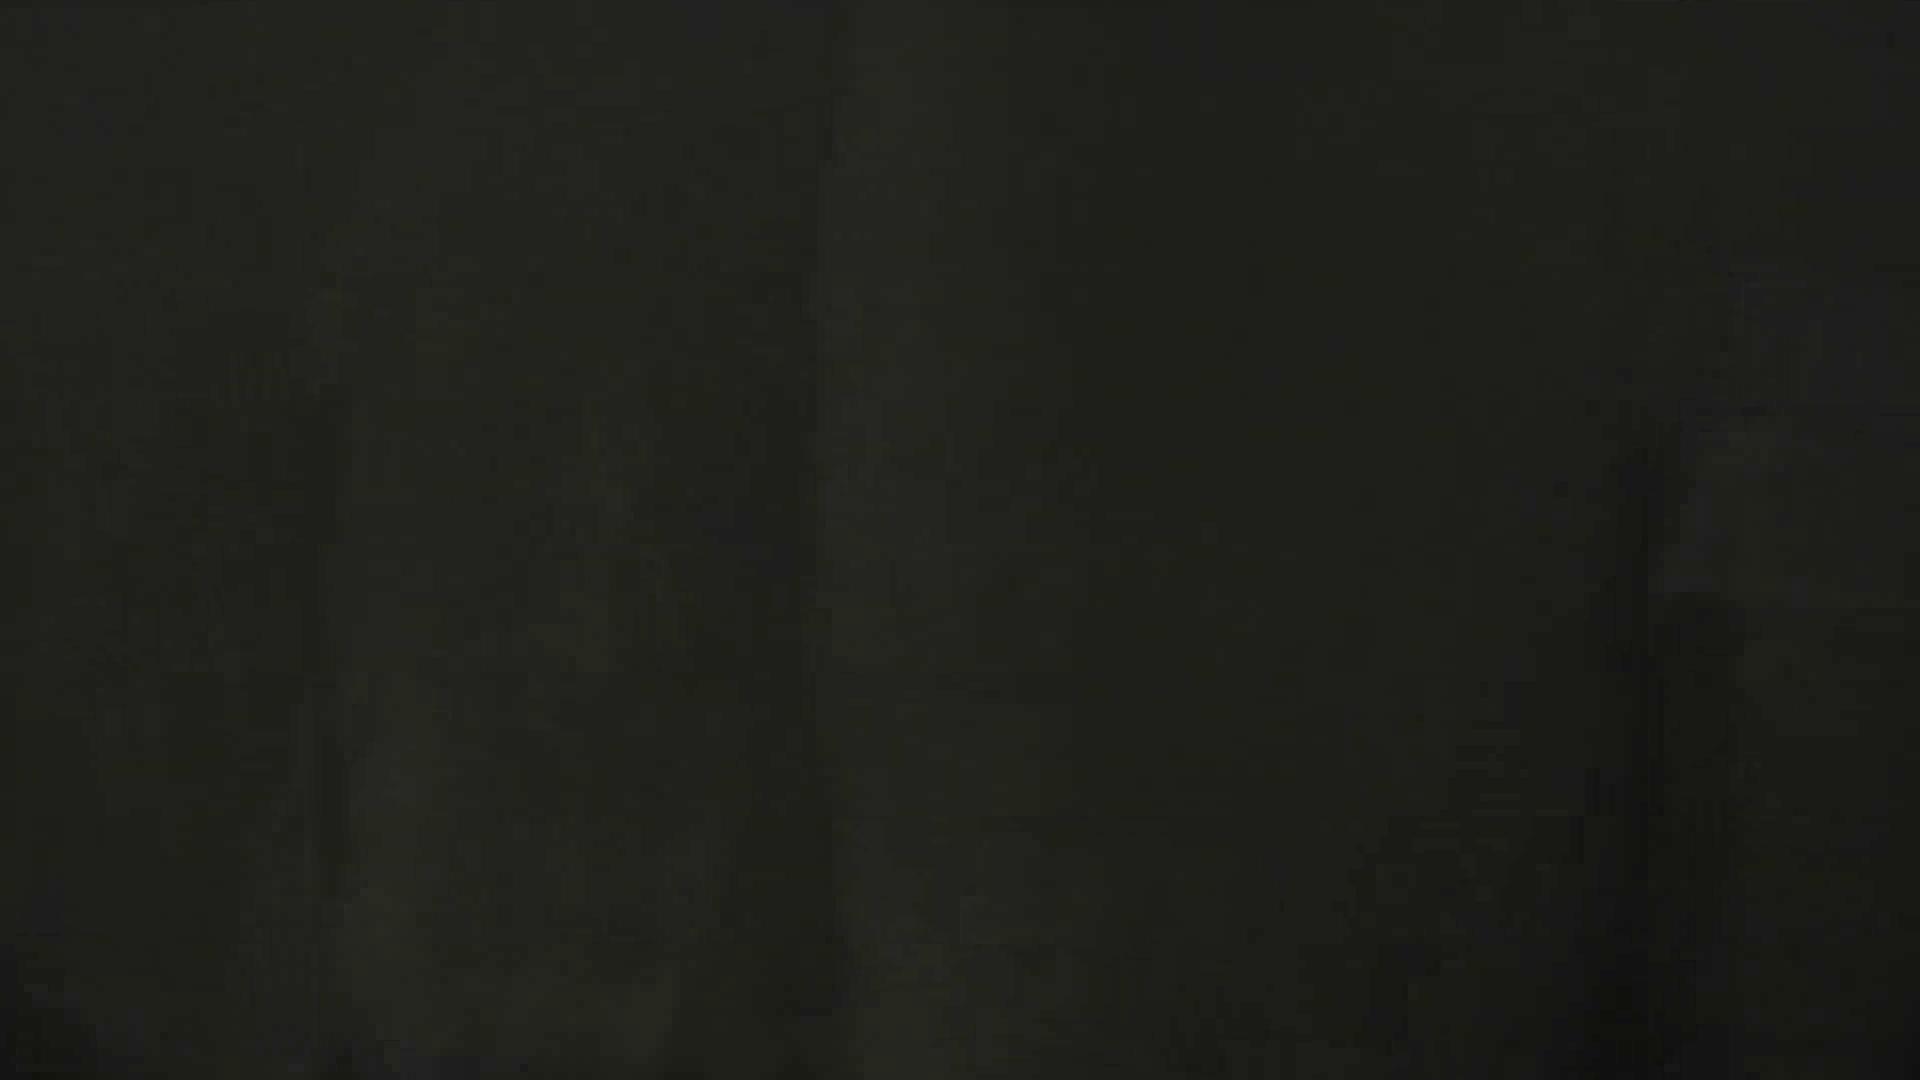 【美しき個室な世界】 vol.023 めんこい人たち 洗面所  104pic 8